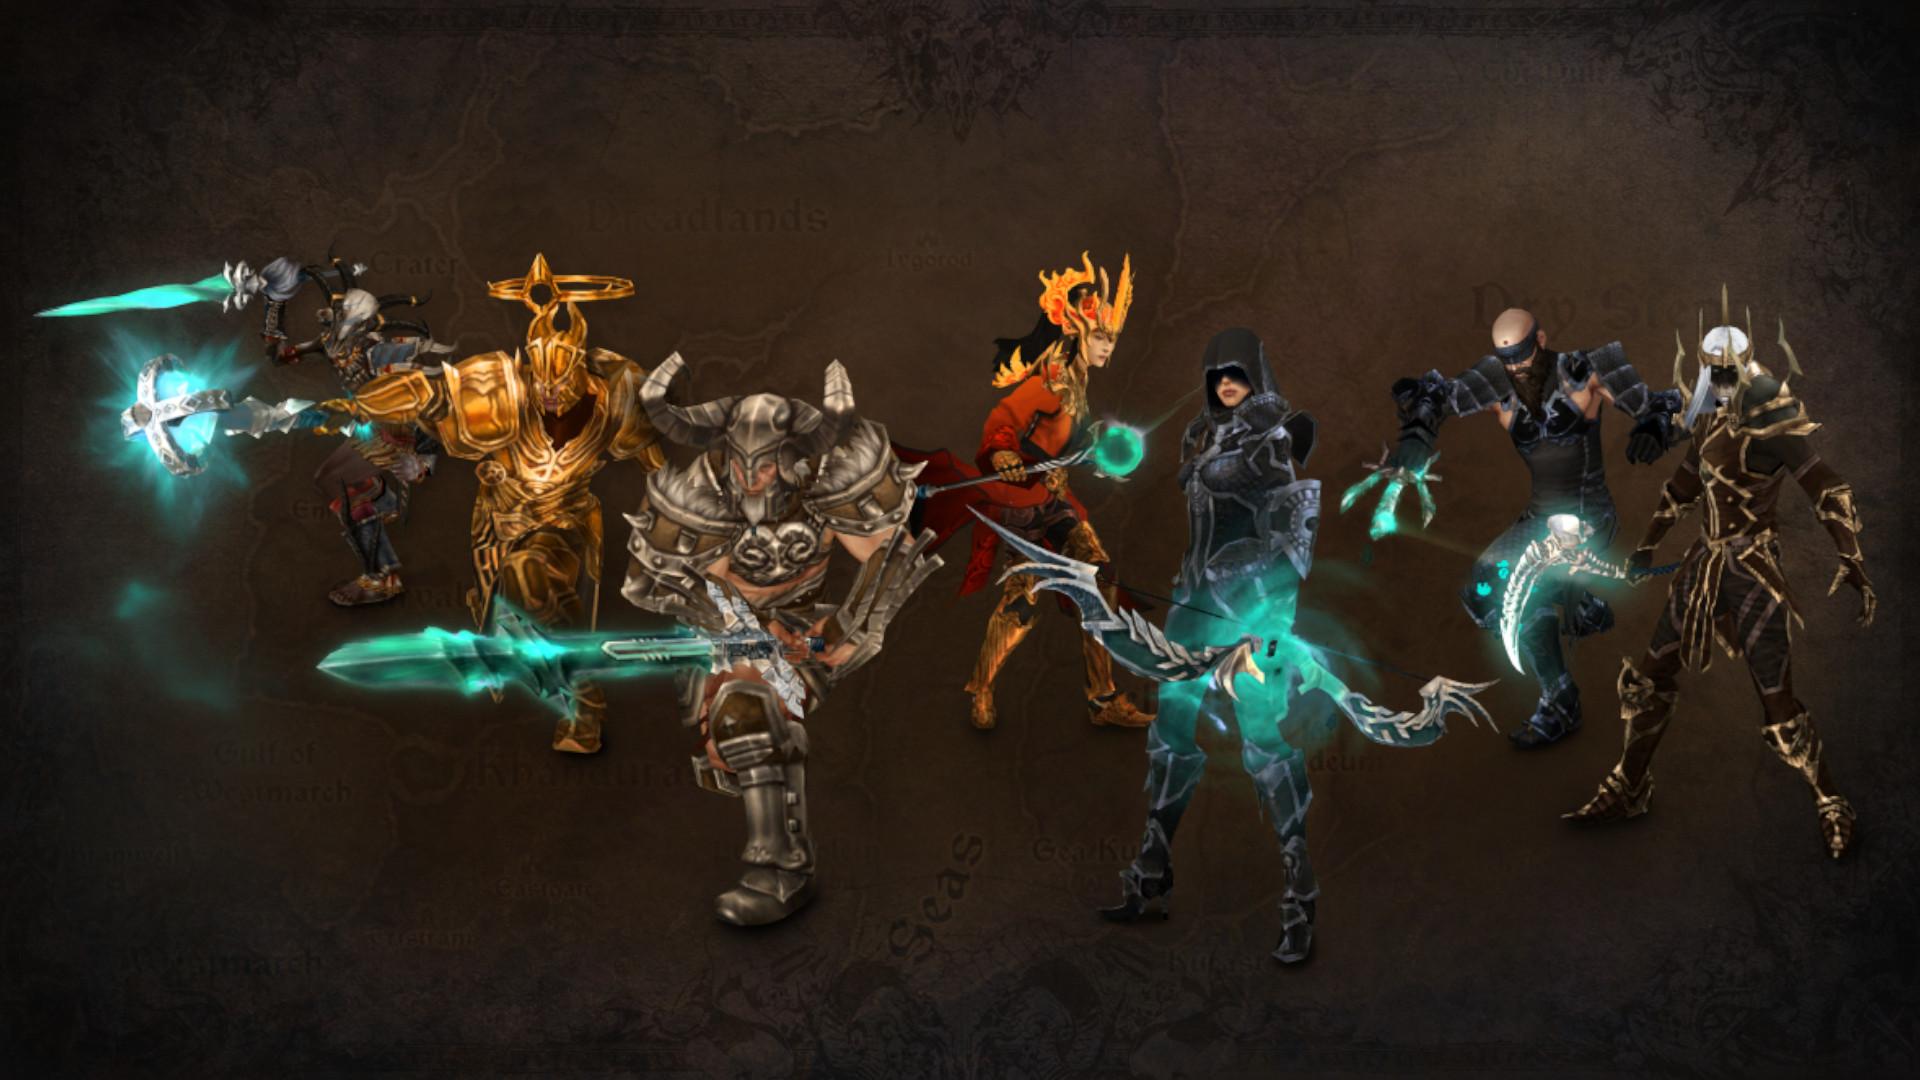 Diablo 3 season 24 release time confirmed